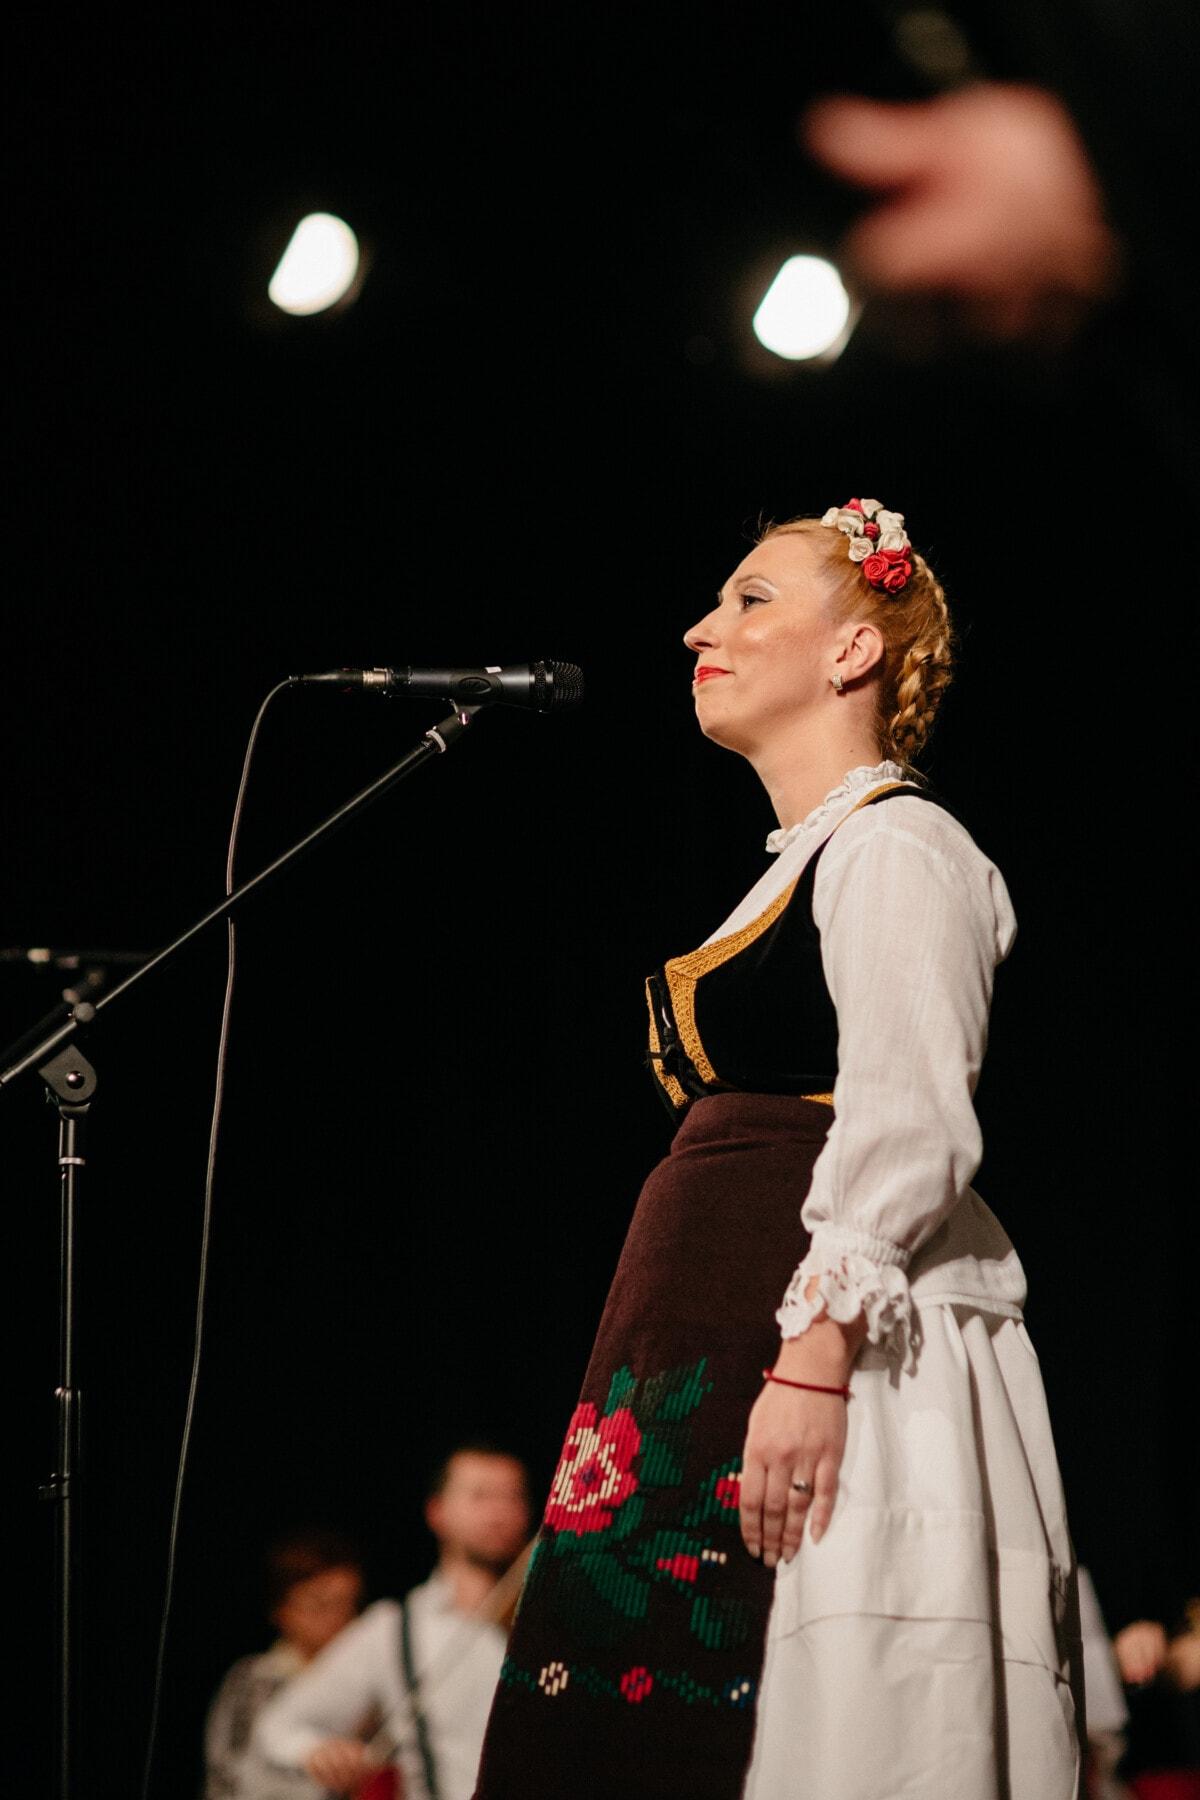 cheveux blonds, femme, populaire, chant, chanteur, musique, Outfit, concert, traditionnel, salle de concert